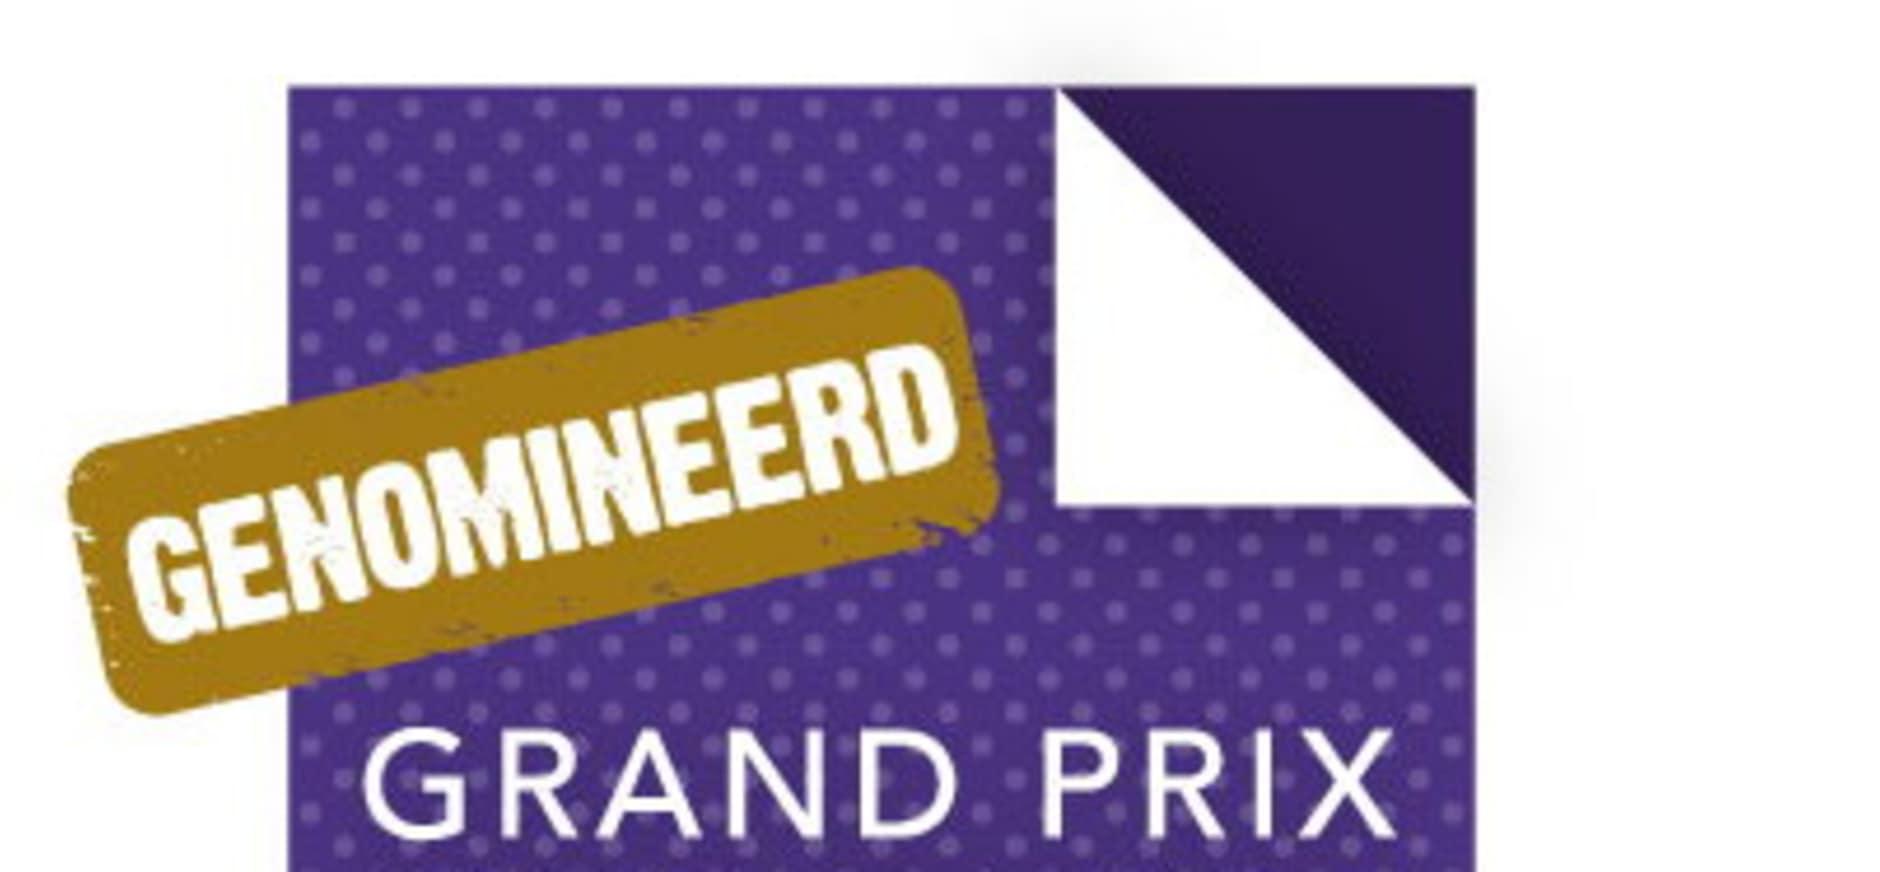 Natuurmonumenten genomineerd voor Grand Prix Content Marketing Award